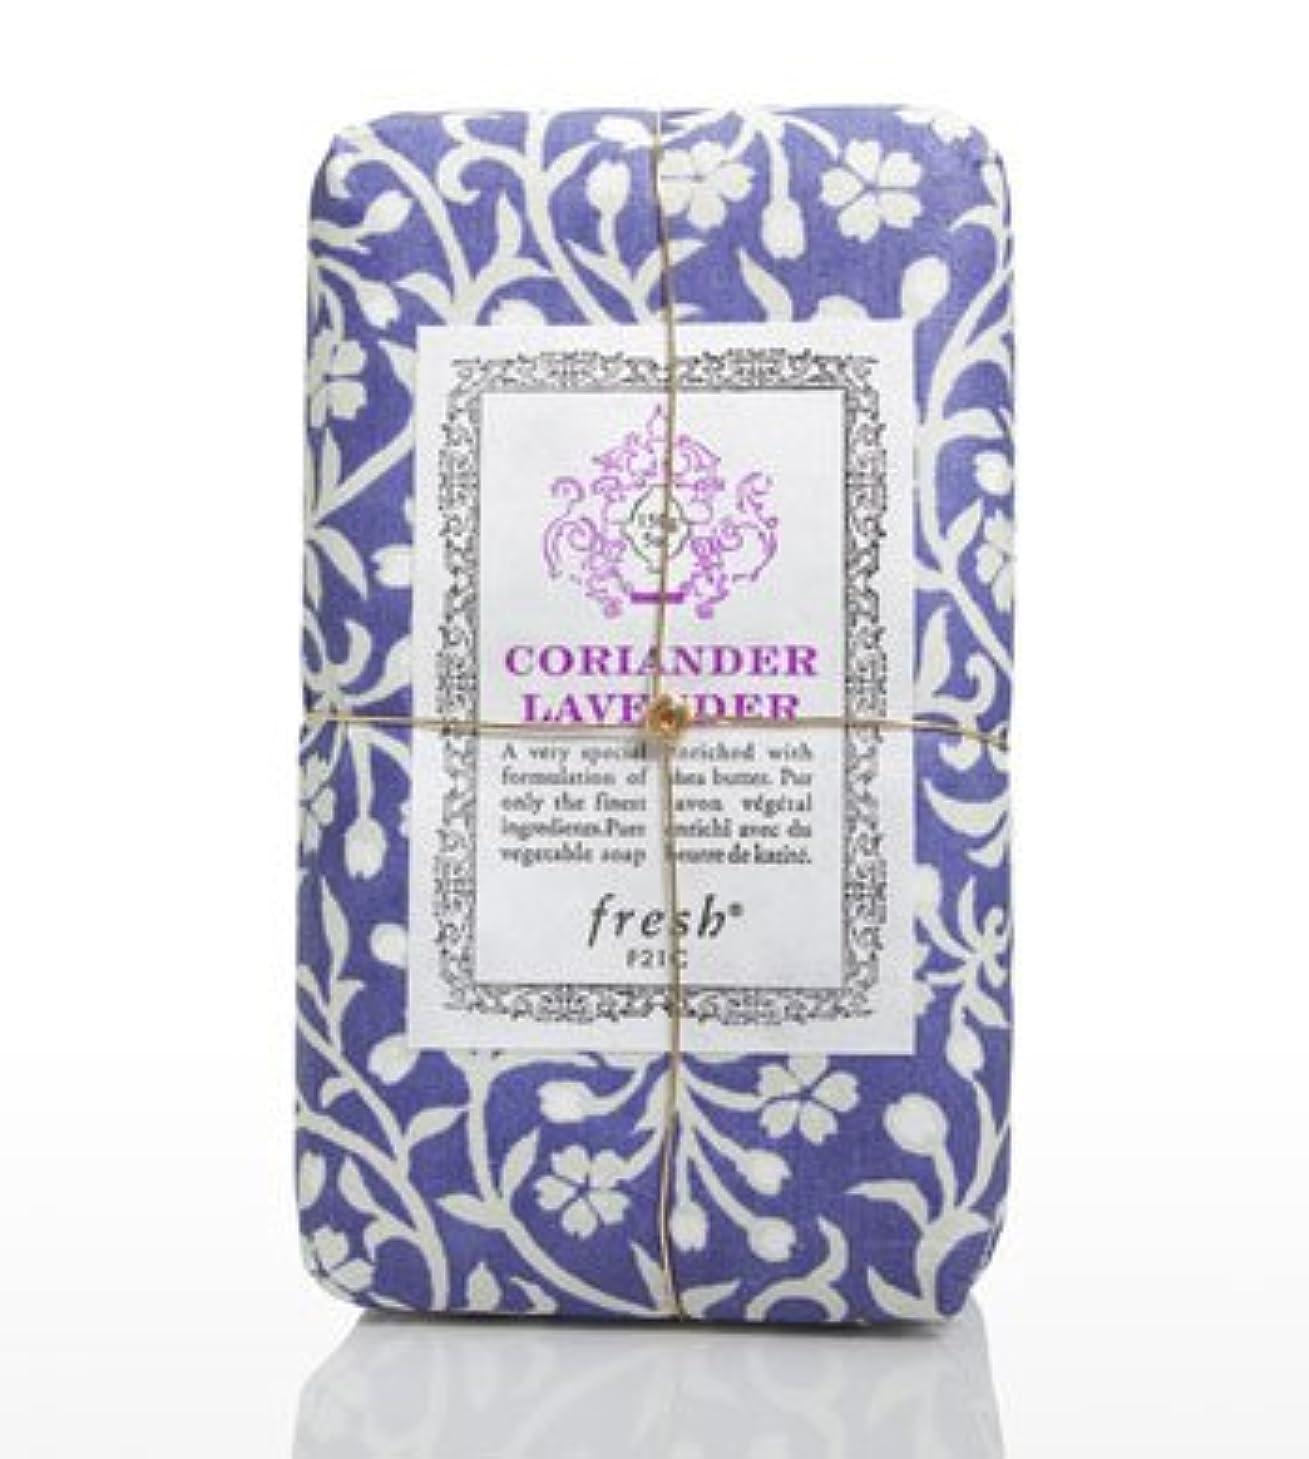 慰めうがい薬現実にはFresh CORIANDER LAVENDAR SOAP(フレッシュ コリアンダーラベンダー ソープ) 5.0 oz (150gl) 石鹸 by Fresh